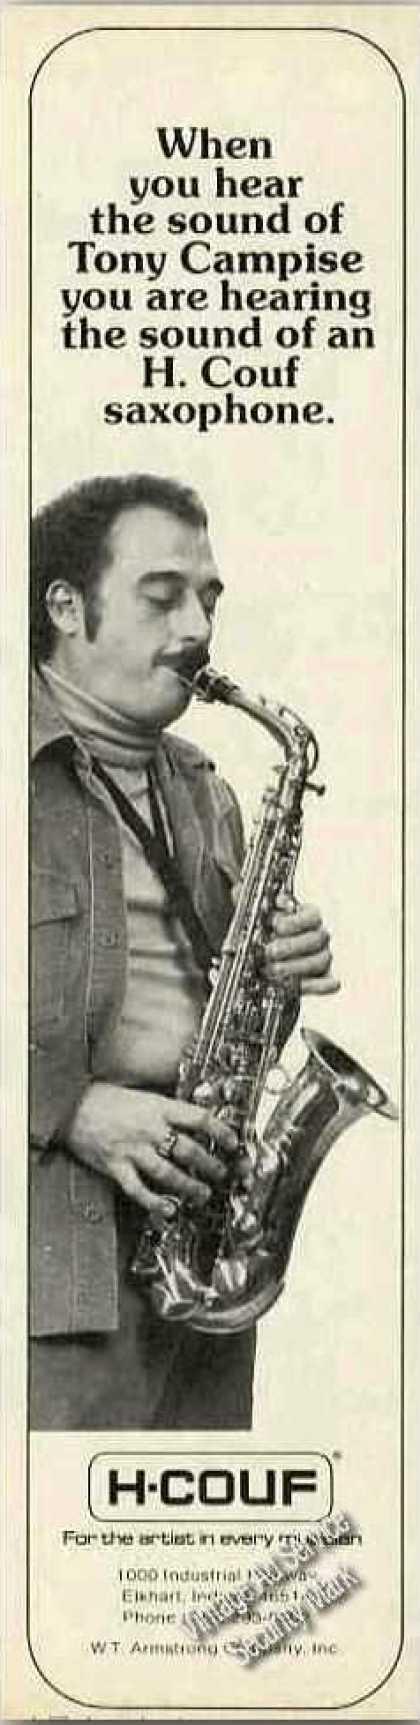 1979 Tony Campise ad - s24fcmhw31sn8i.jpg